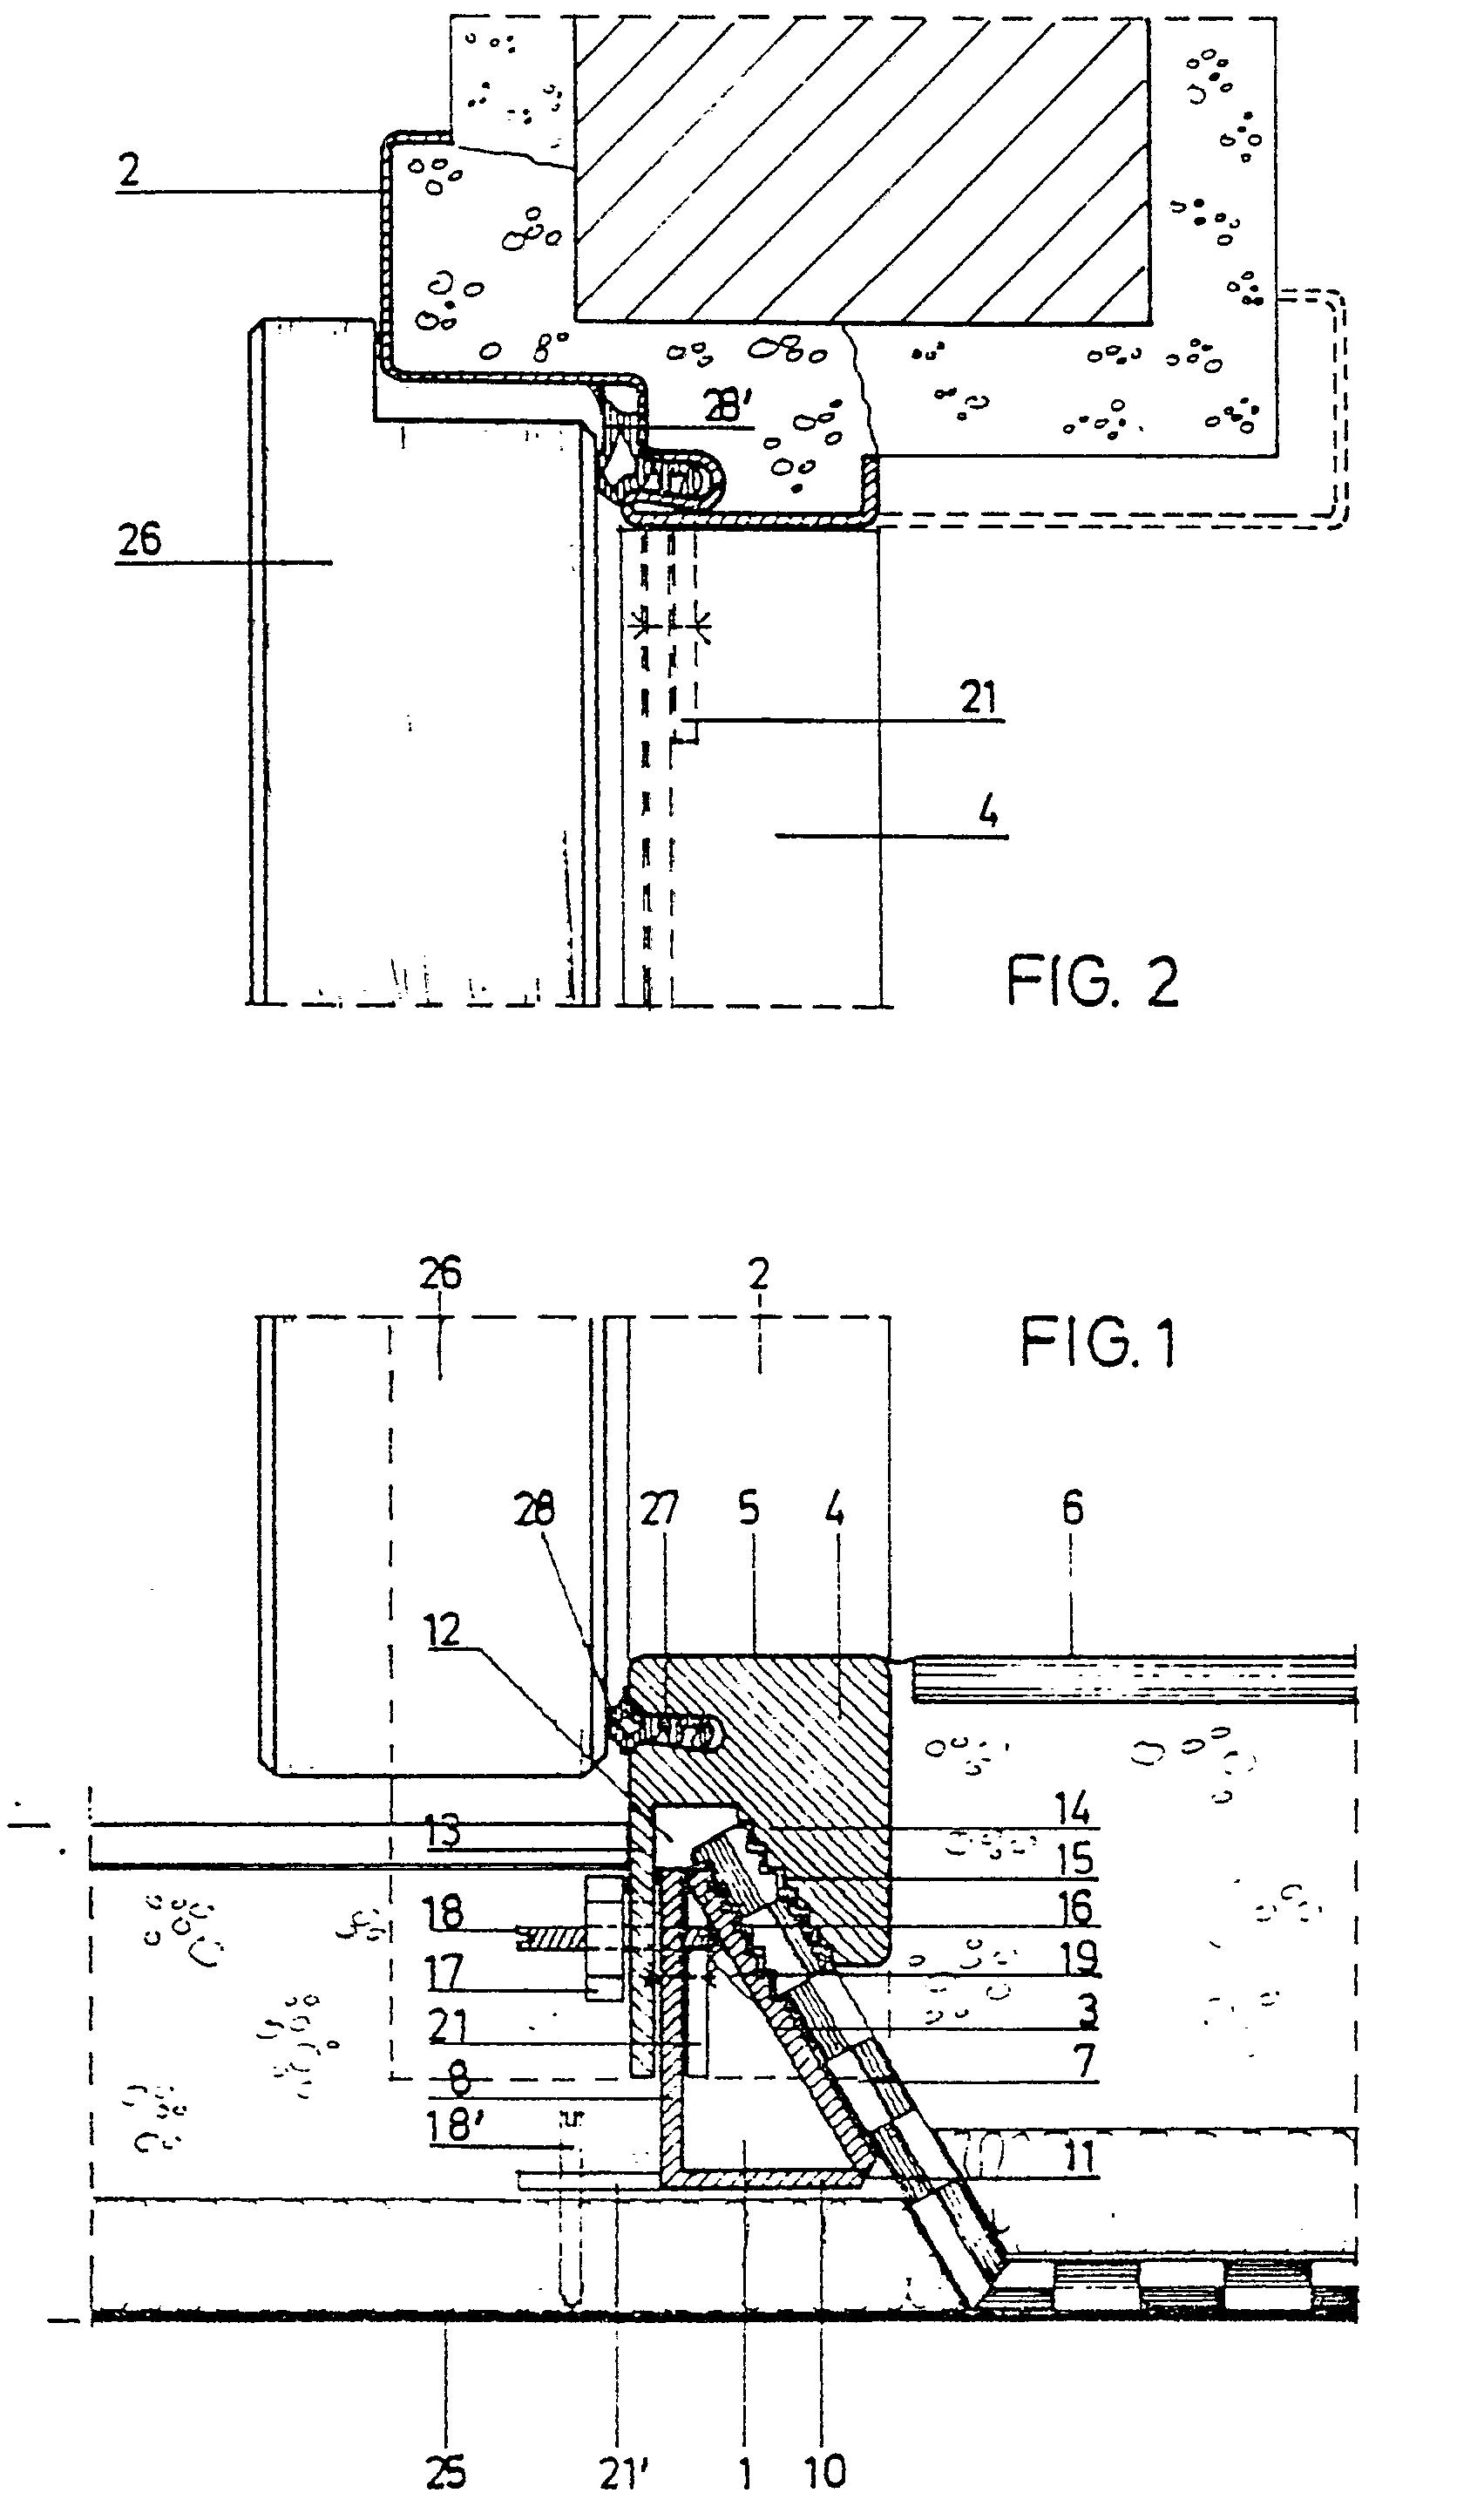 Türzarge metall  Patent EP0120940B1 - Trennvorrichtung für türzargen an verschieden ...